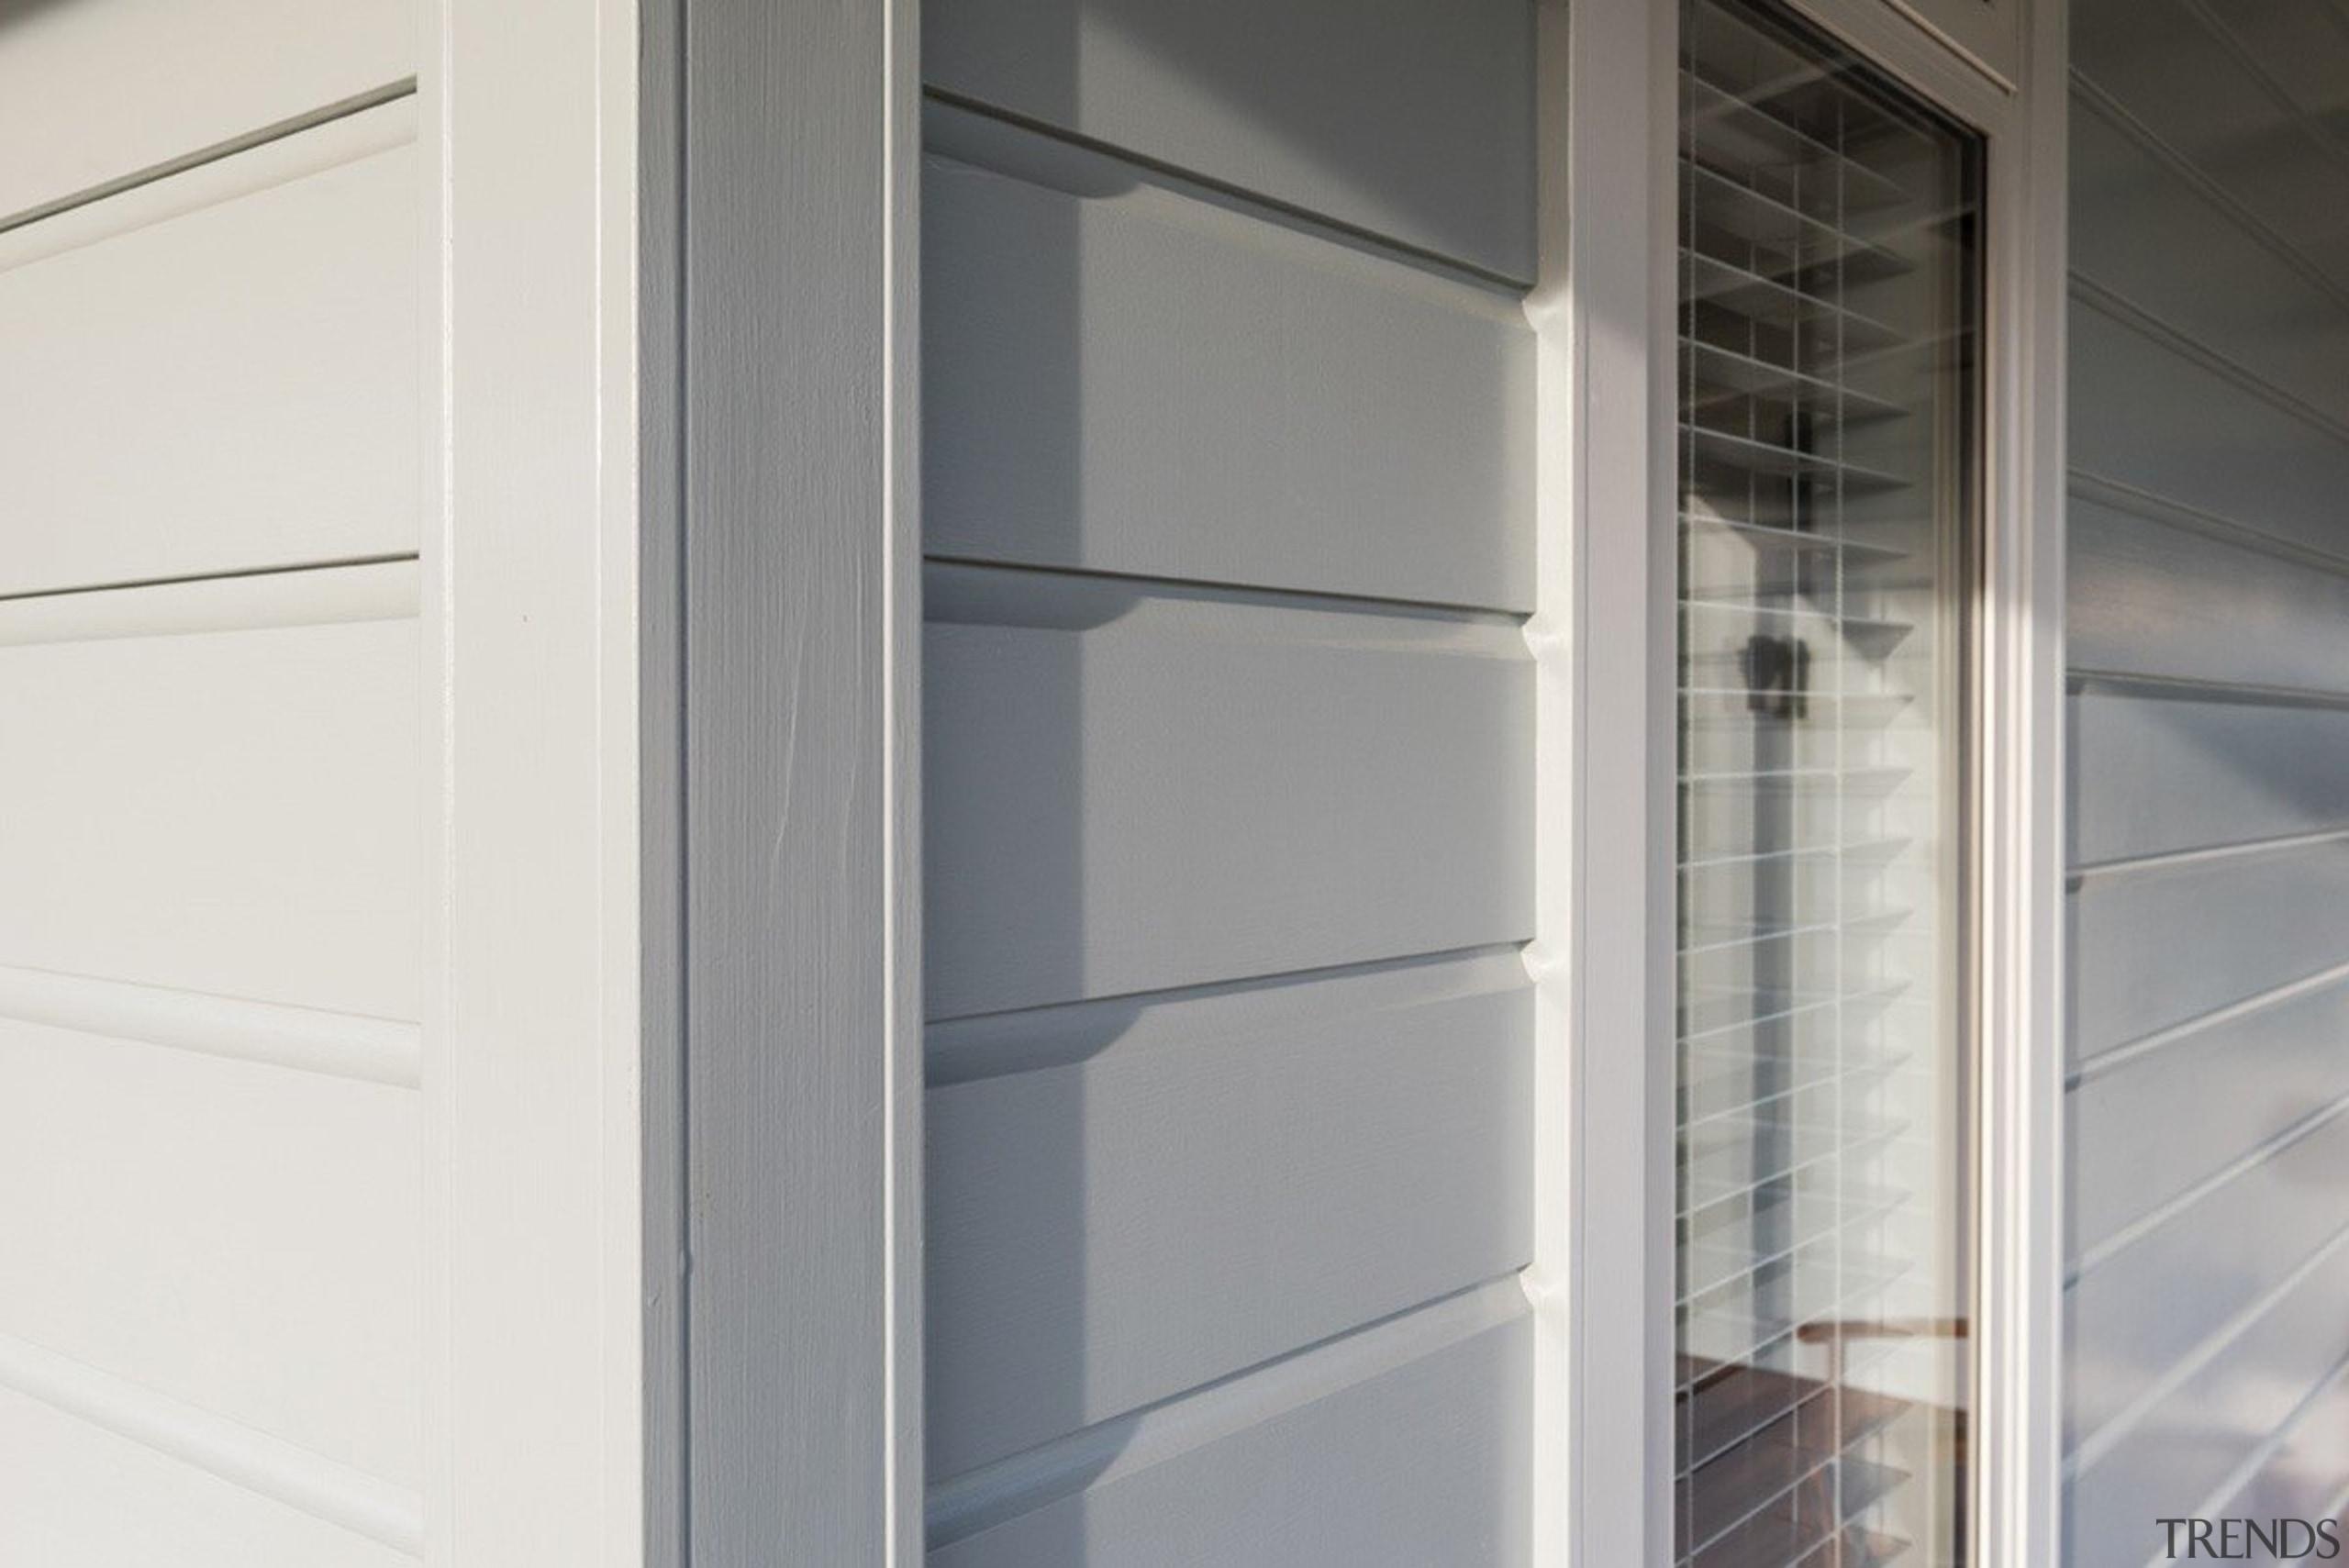 Envira weatherboard timber box corner detail - Envira closet, gray, white